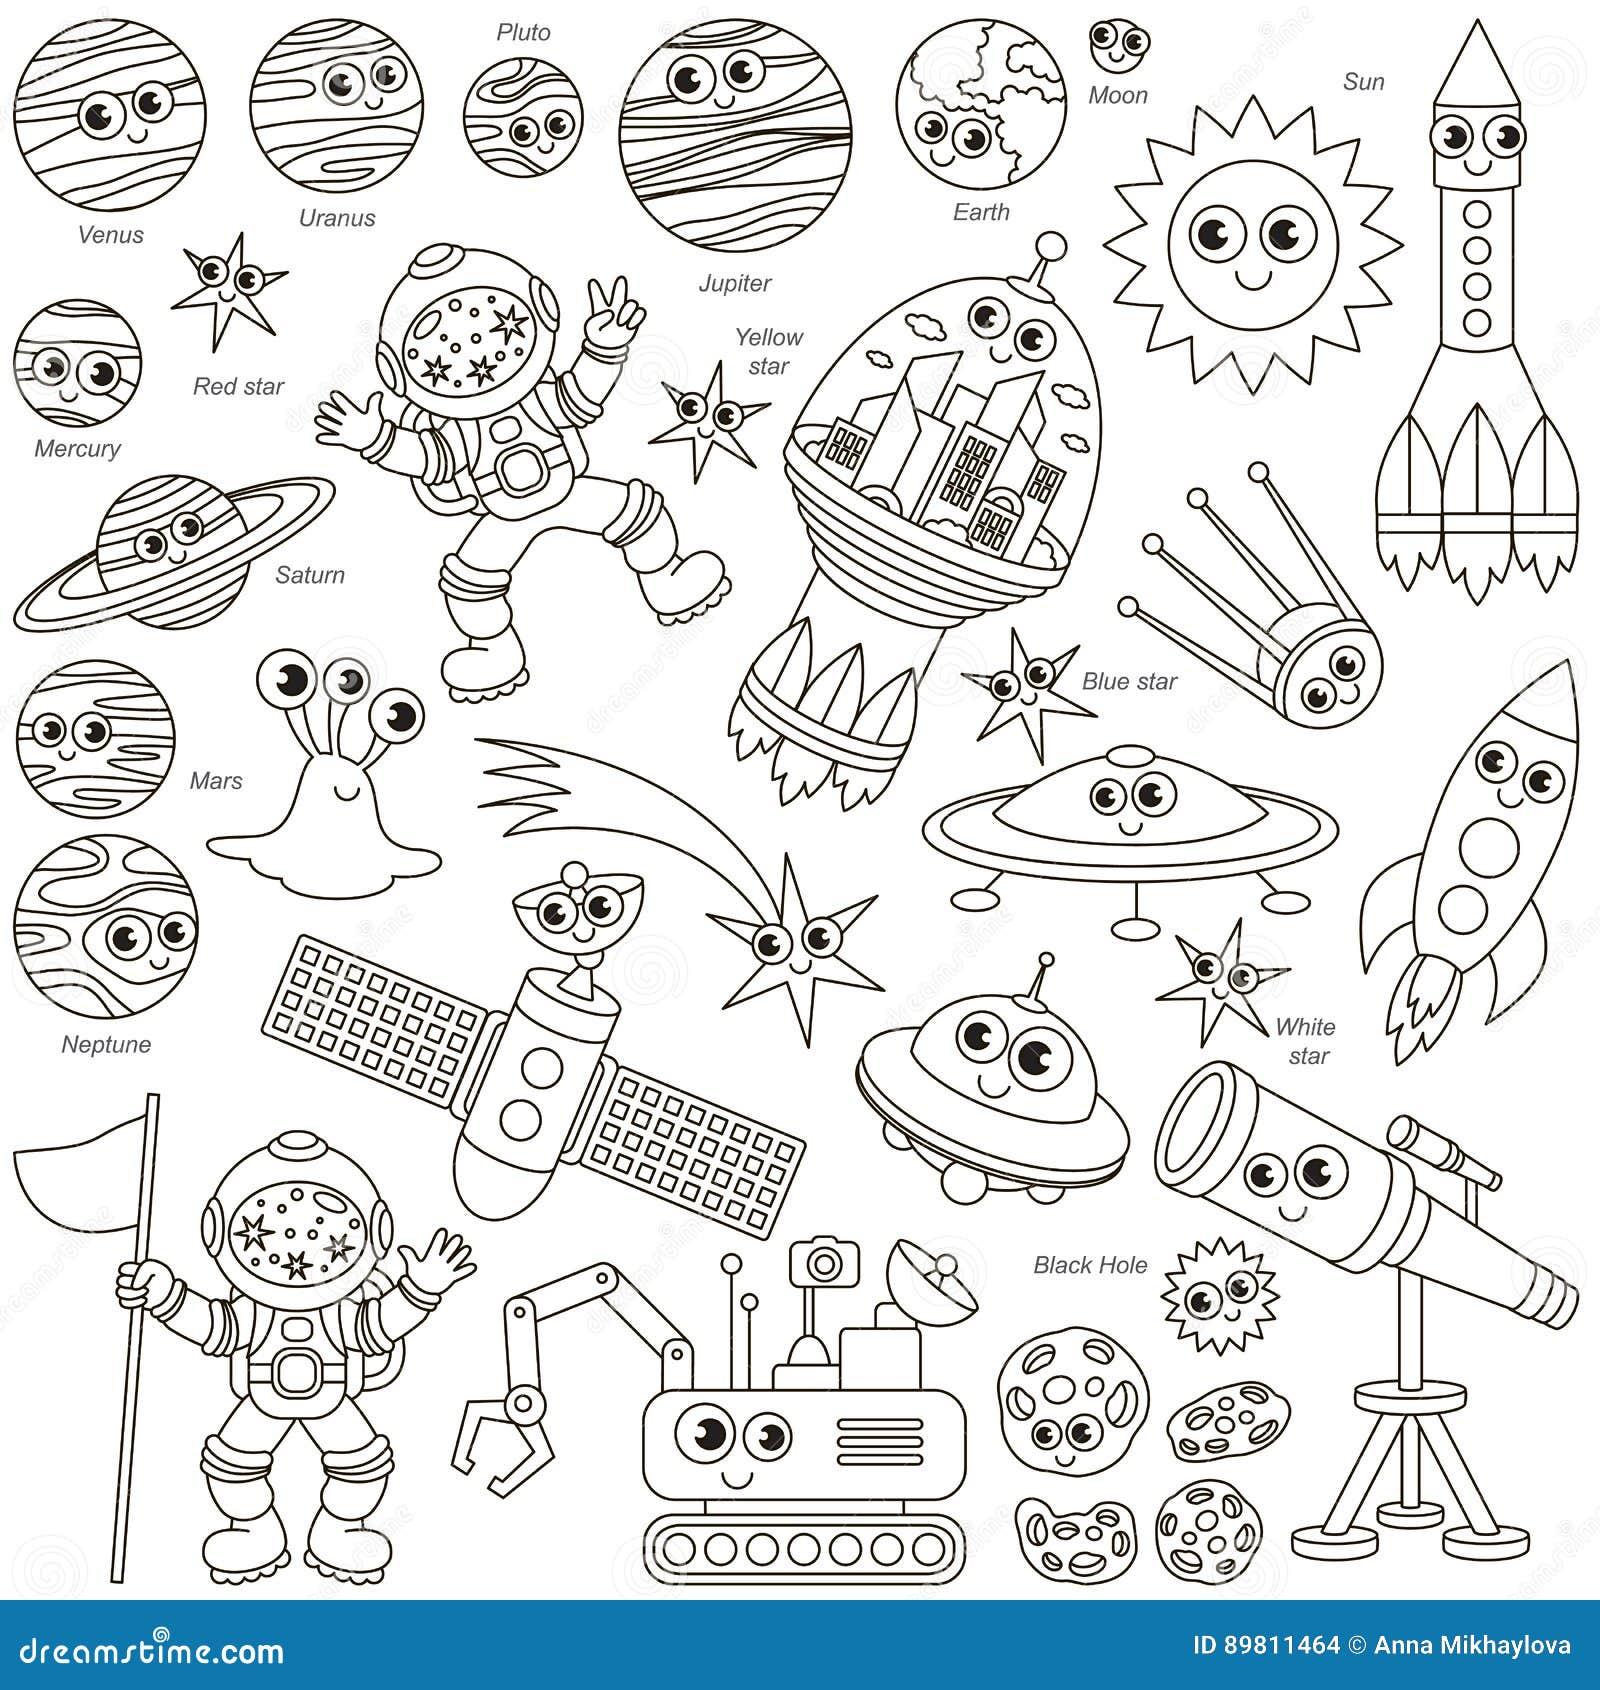 无色的空间孩子集合,彩图模板的汇集,小组概述数字式元素